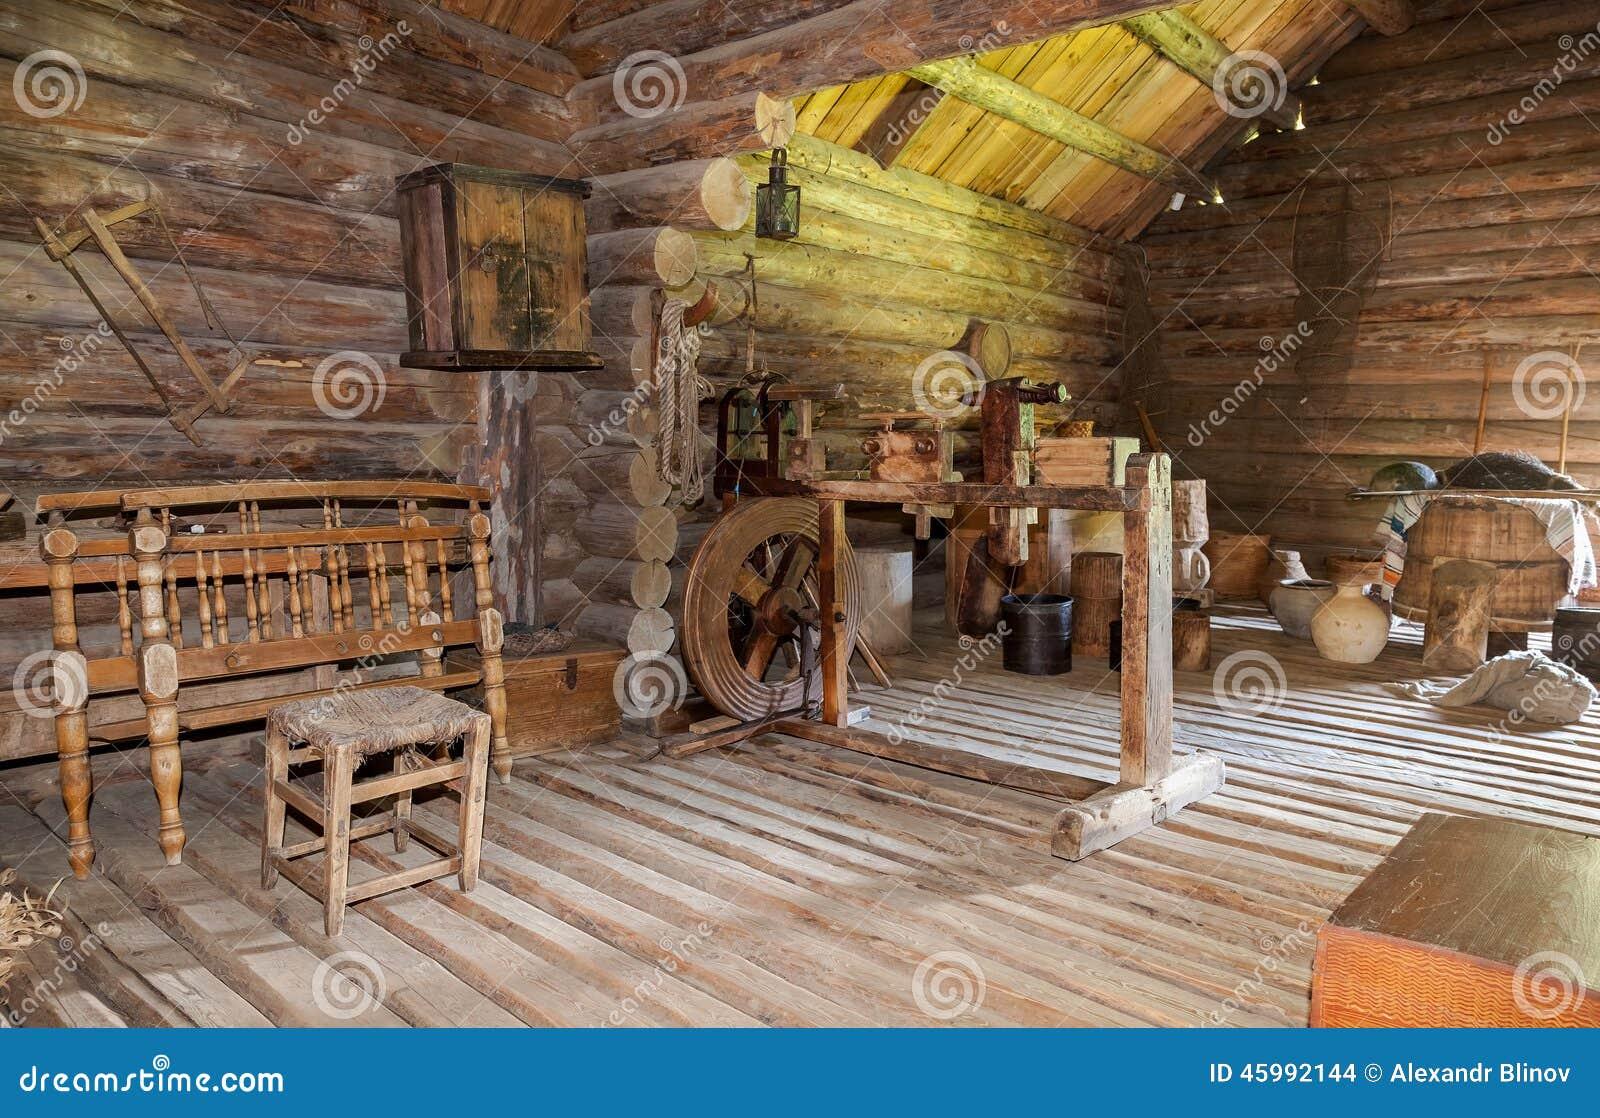 老农村木房子内部